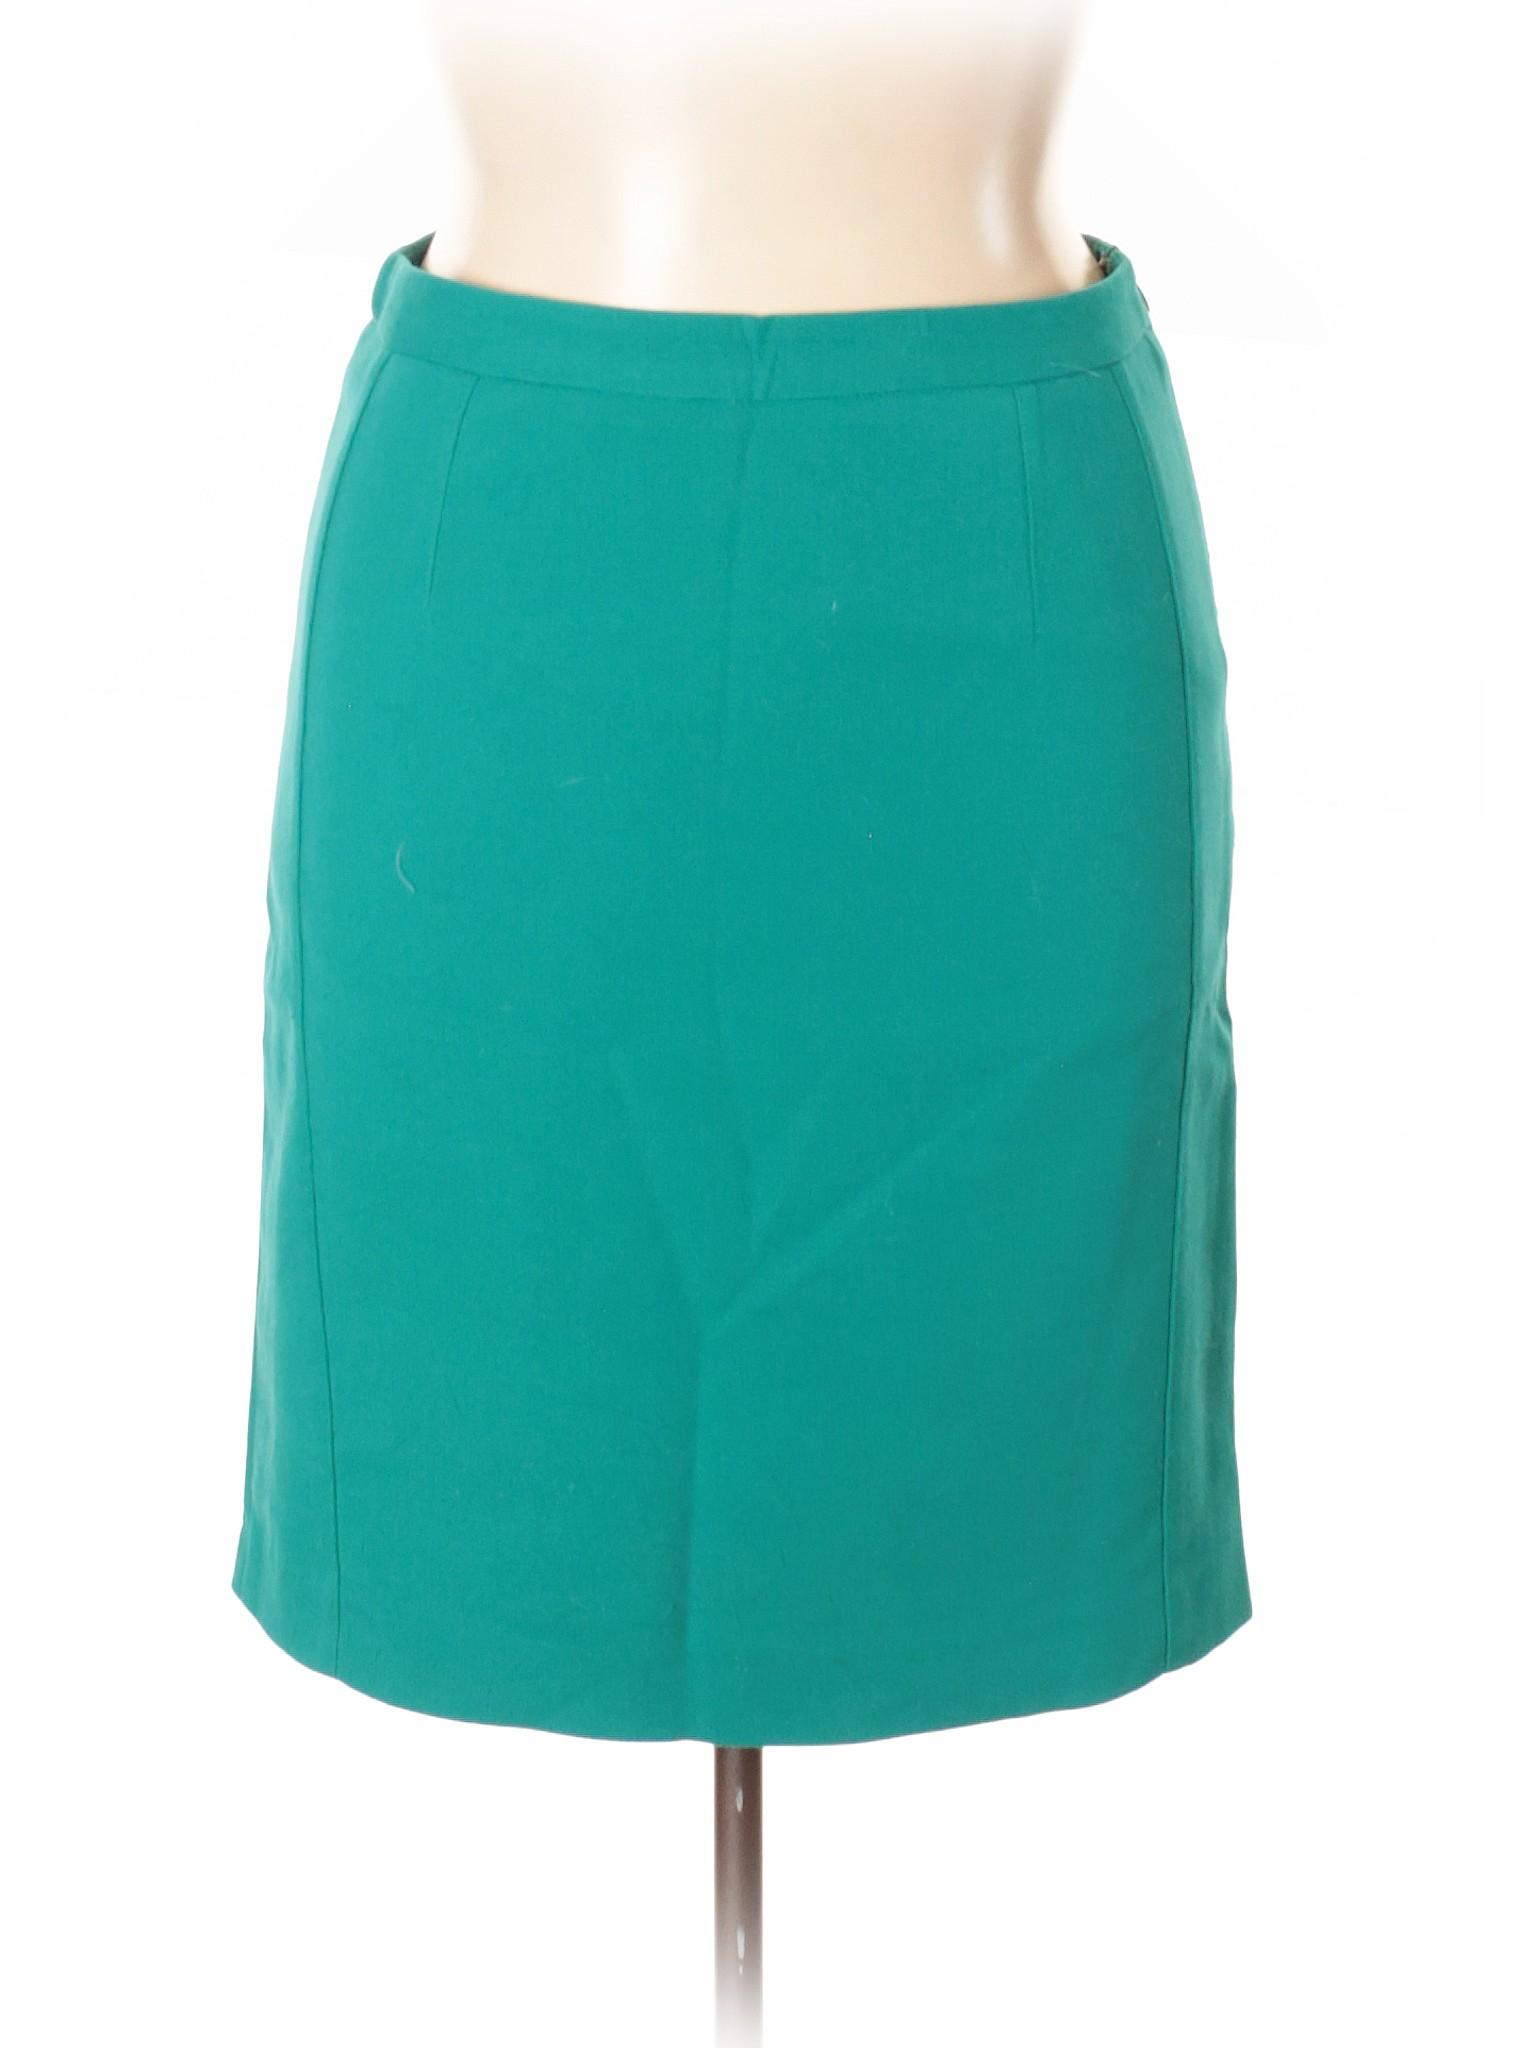 Casual Boutique Skirt Boutique Skirt Casual Casual Boutique Skirt 8qdnHS